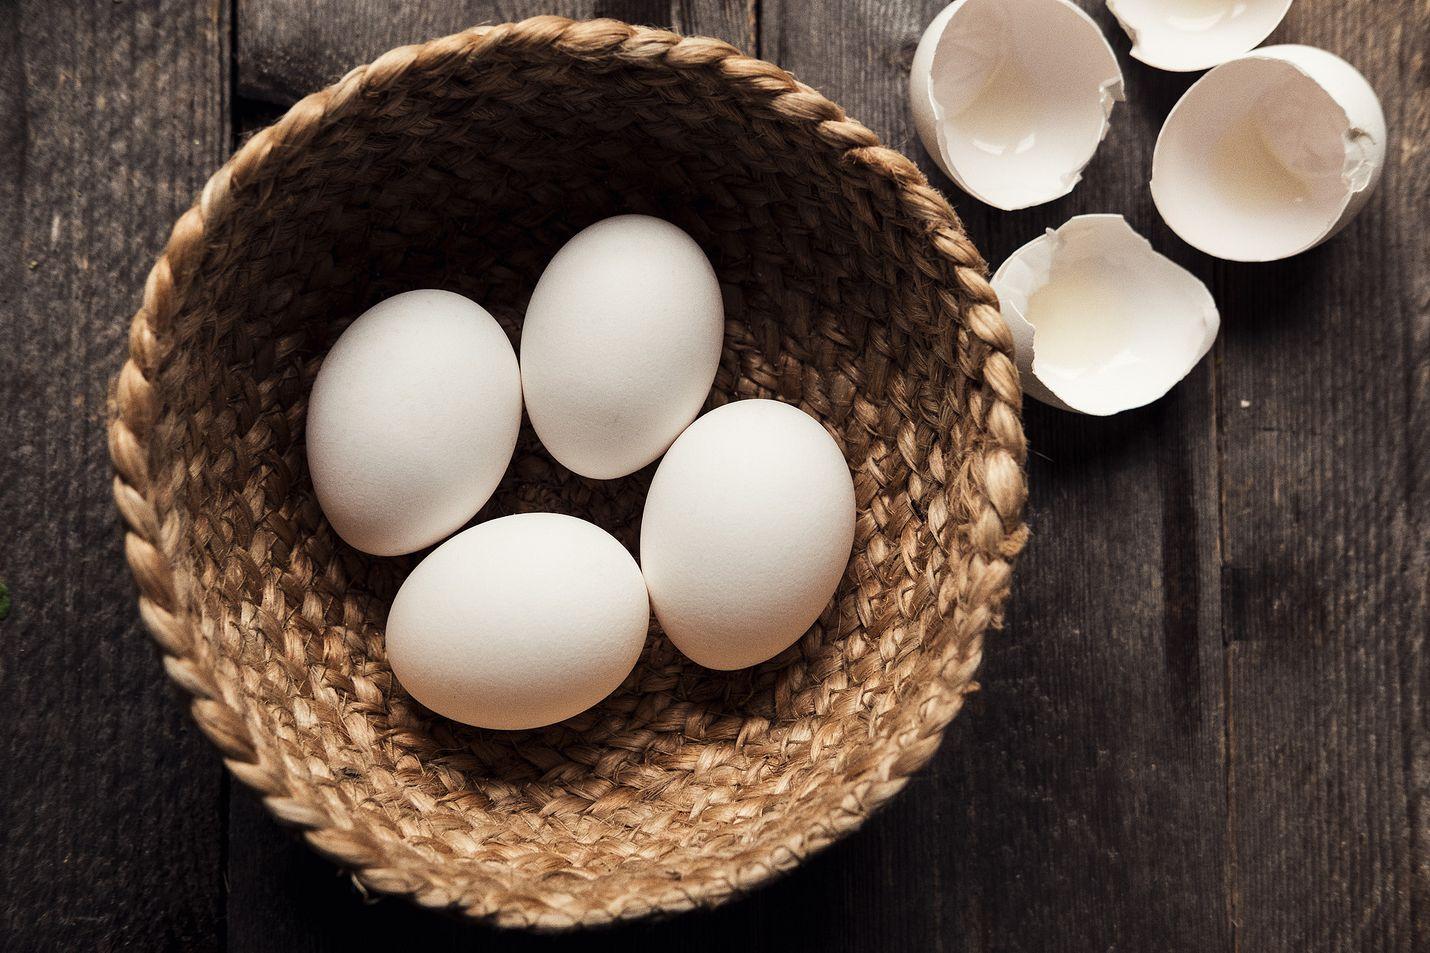 Suomalaisten kananmunan kulutus on lisääntynyt lähes koko 2000-luvun. Kananmunan tuottajia on Suomessa enää noin 250.